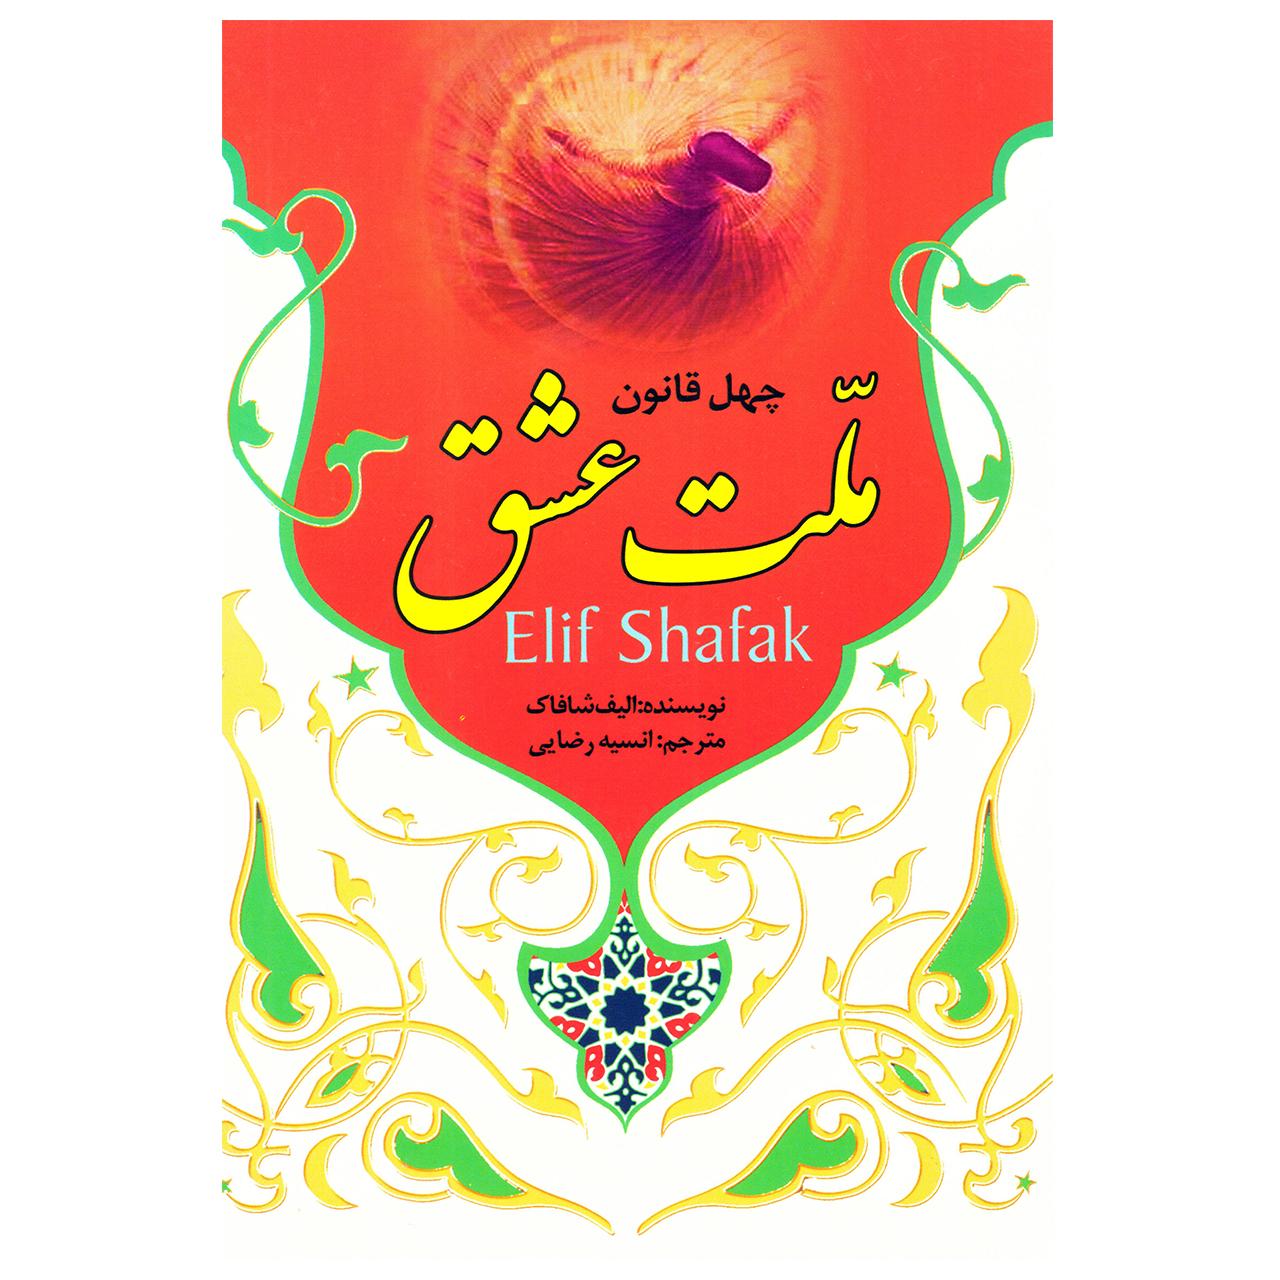 کتاب چهل قانون ملت عشق اثر الیف شافاک نشر ملینا